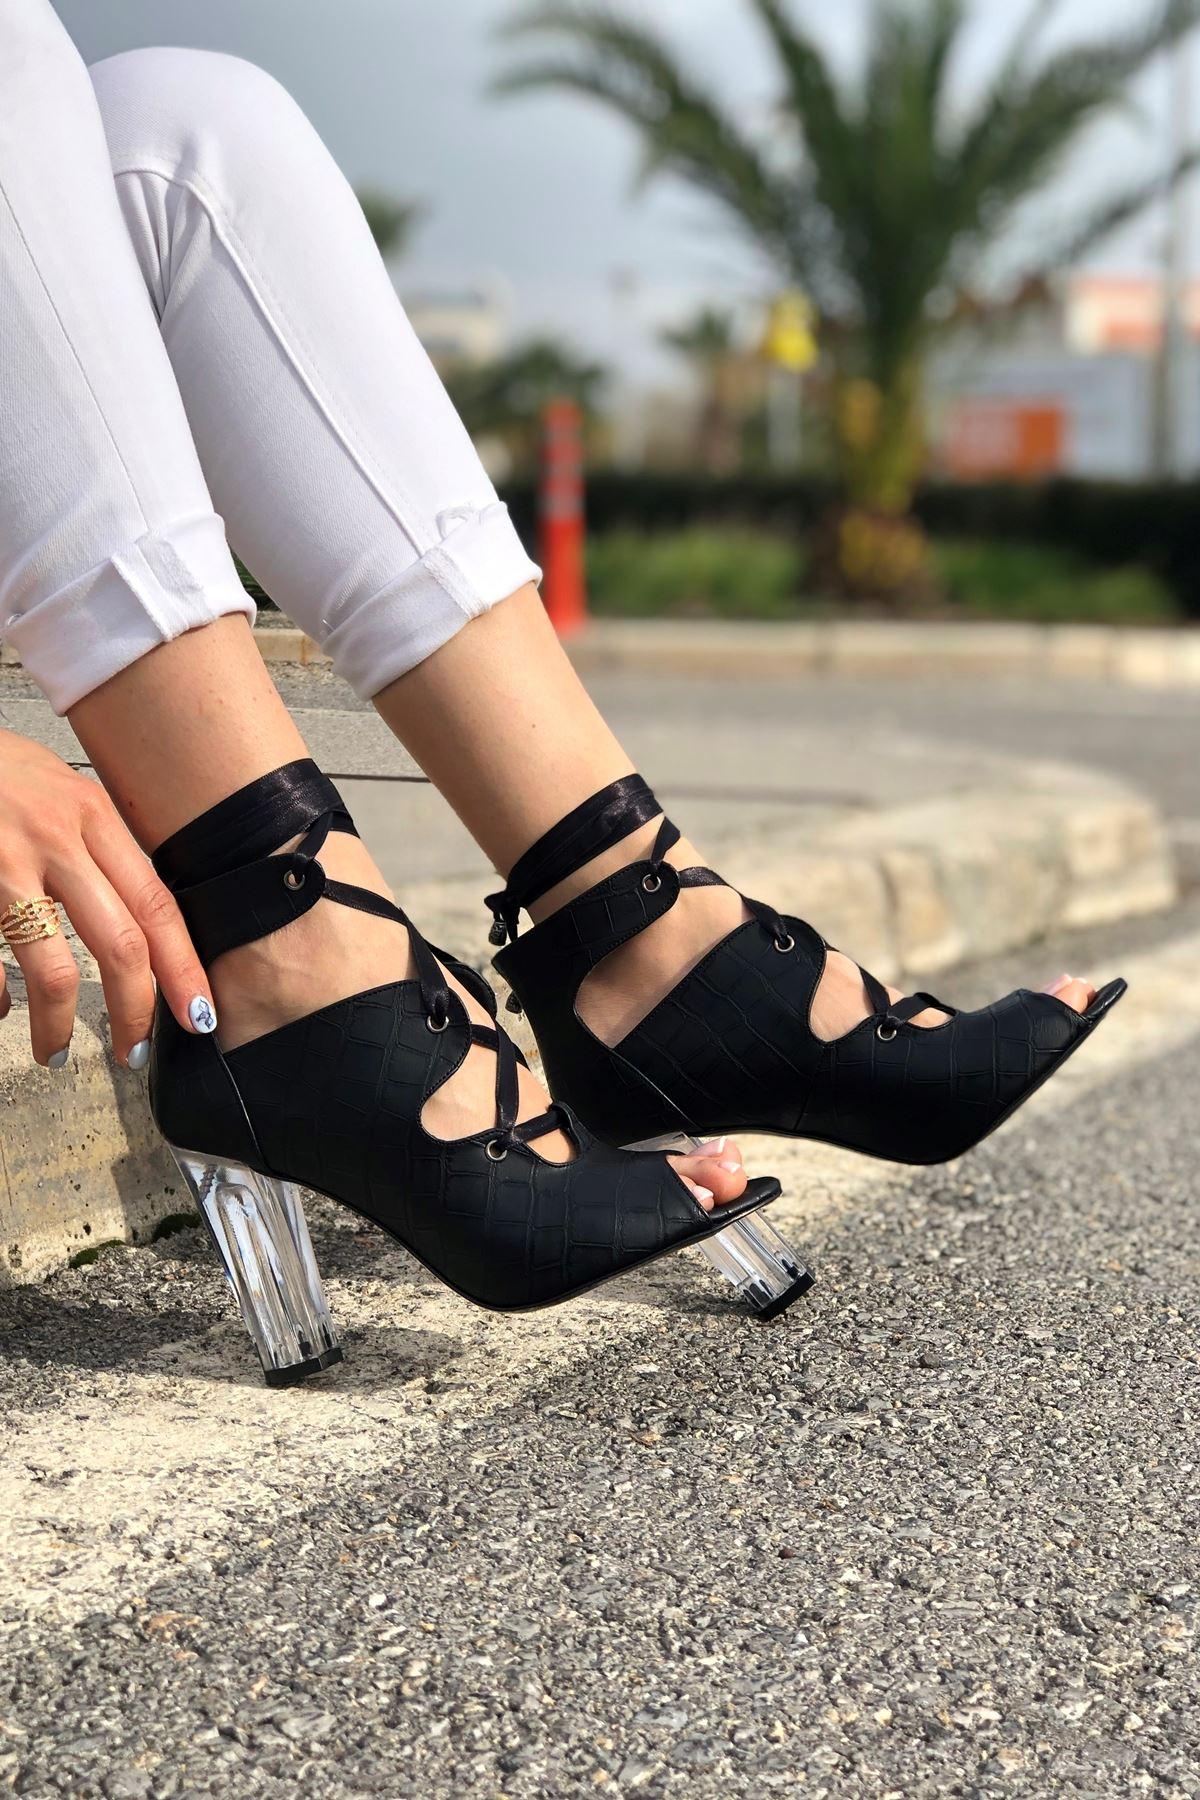 Amata Siyah Krokodil Topuklu Kadın Ayakkabı